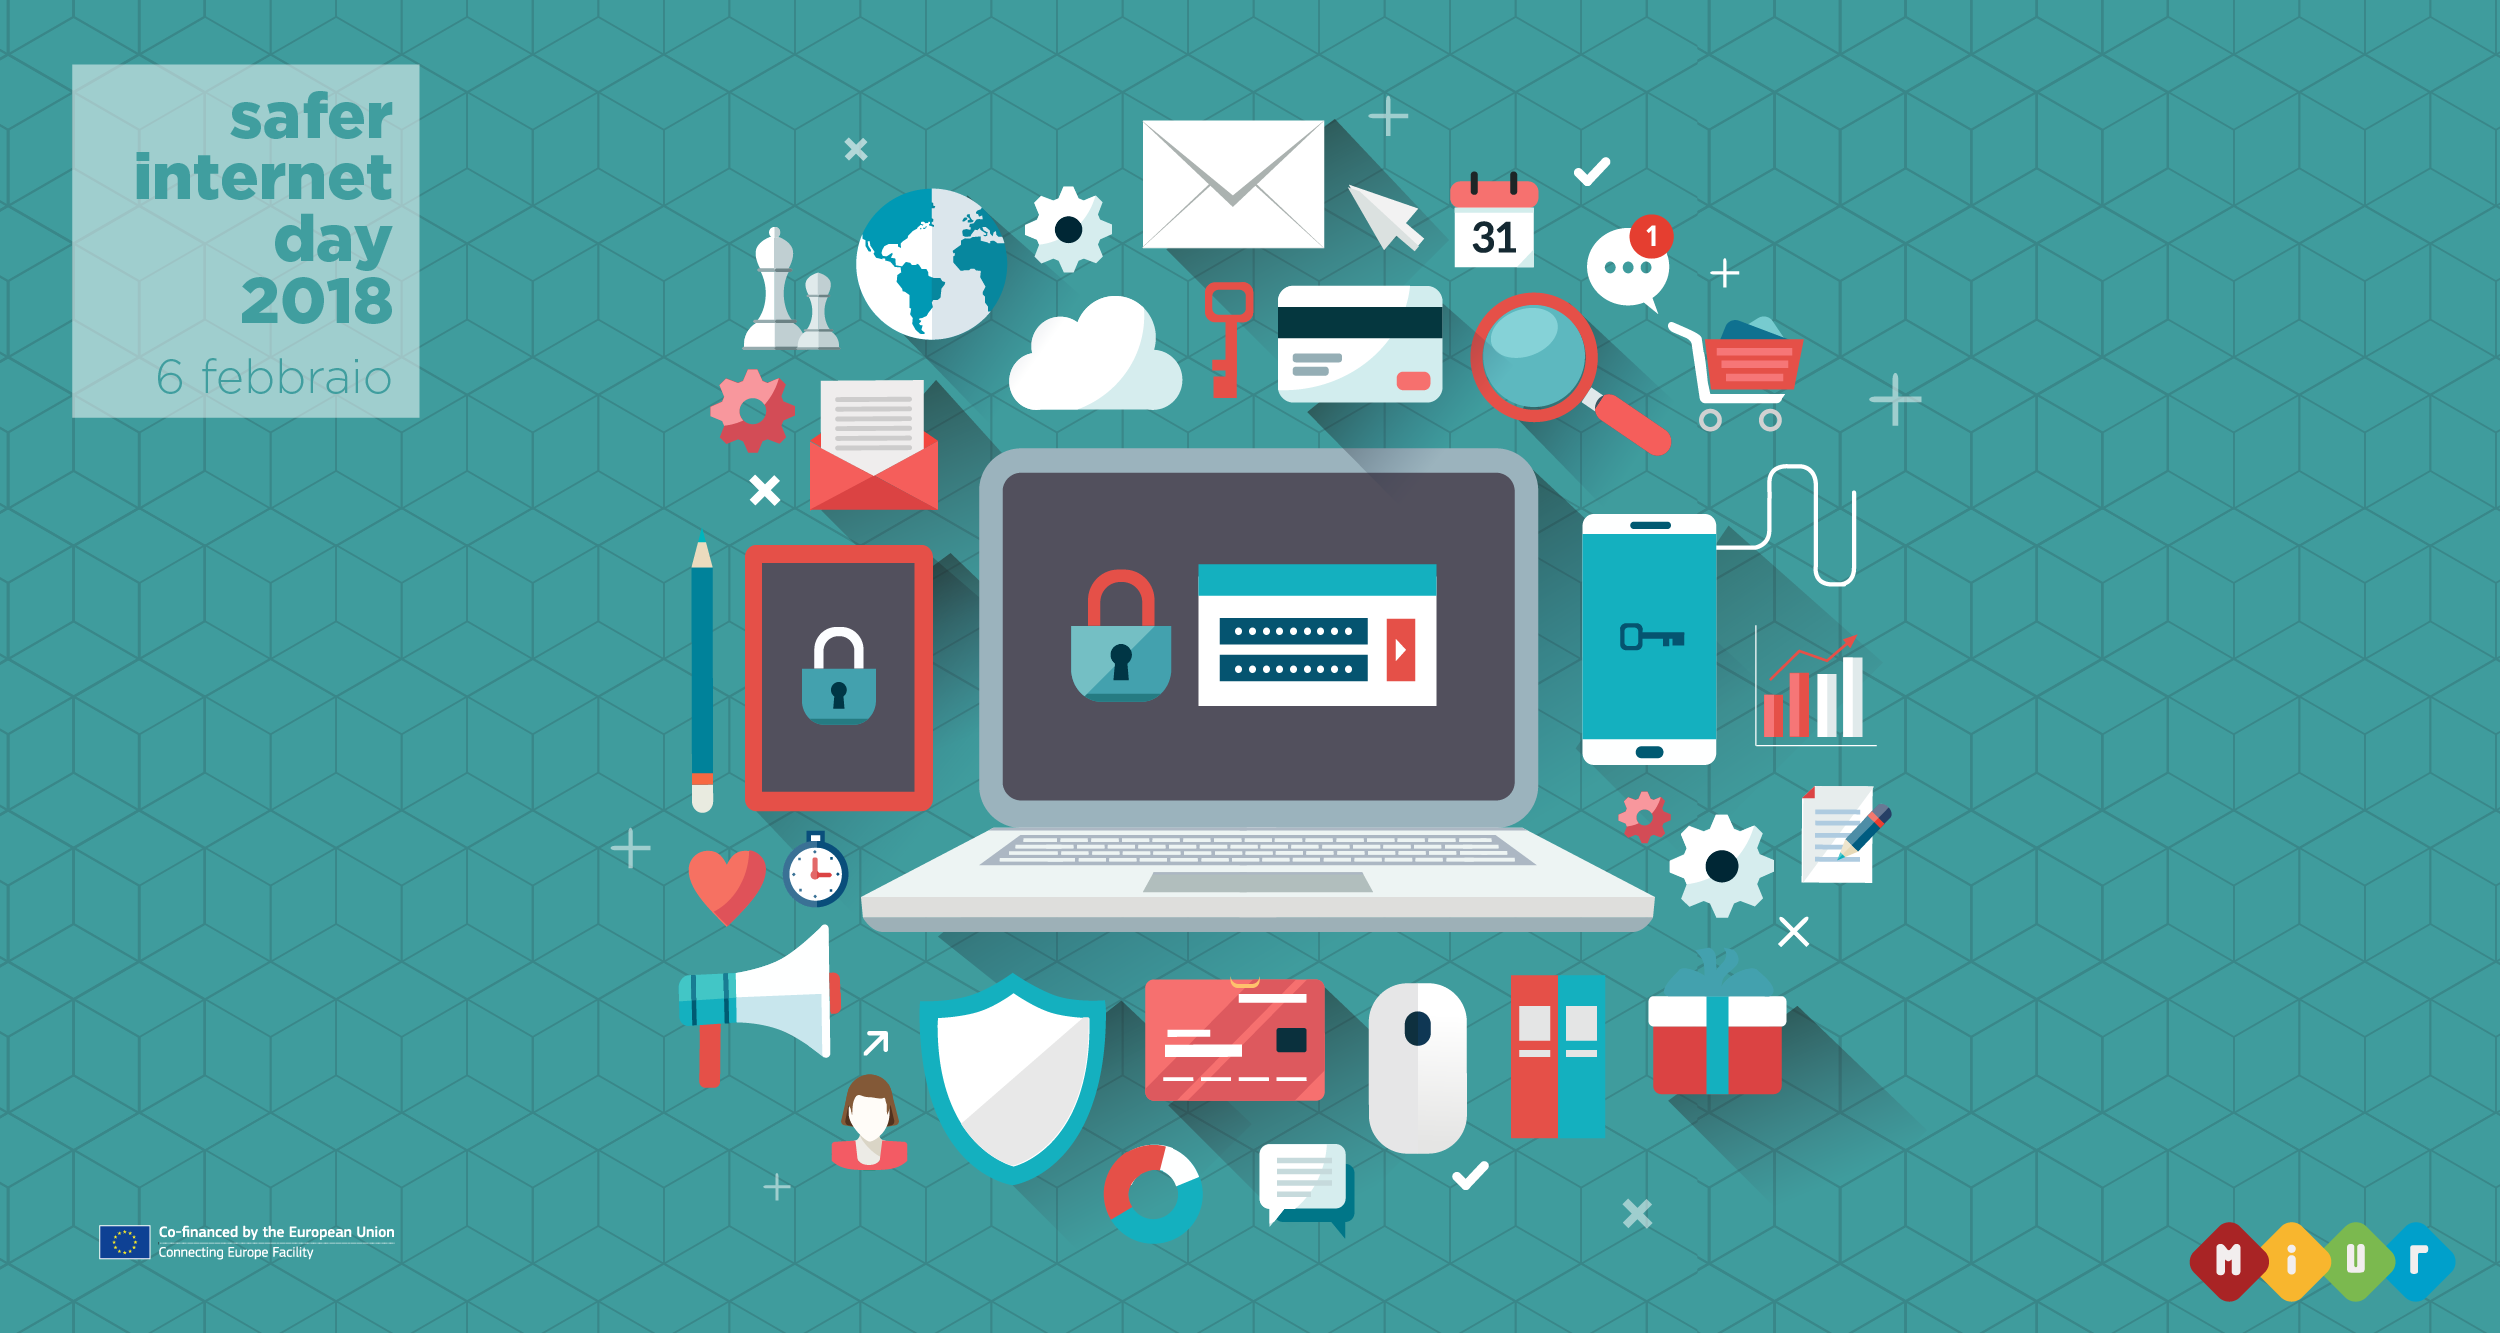 Safer Internet Day 2018, le iniziative italiane nella giornata mondiale per la sicurezza online thumbnail